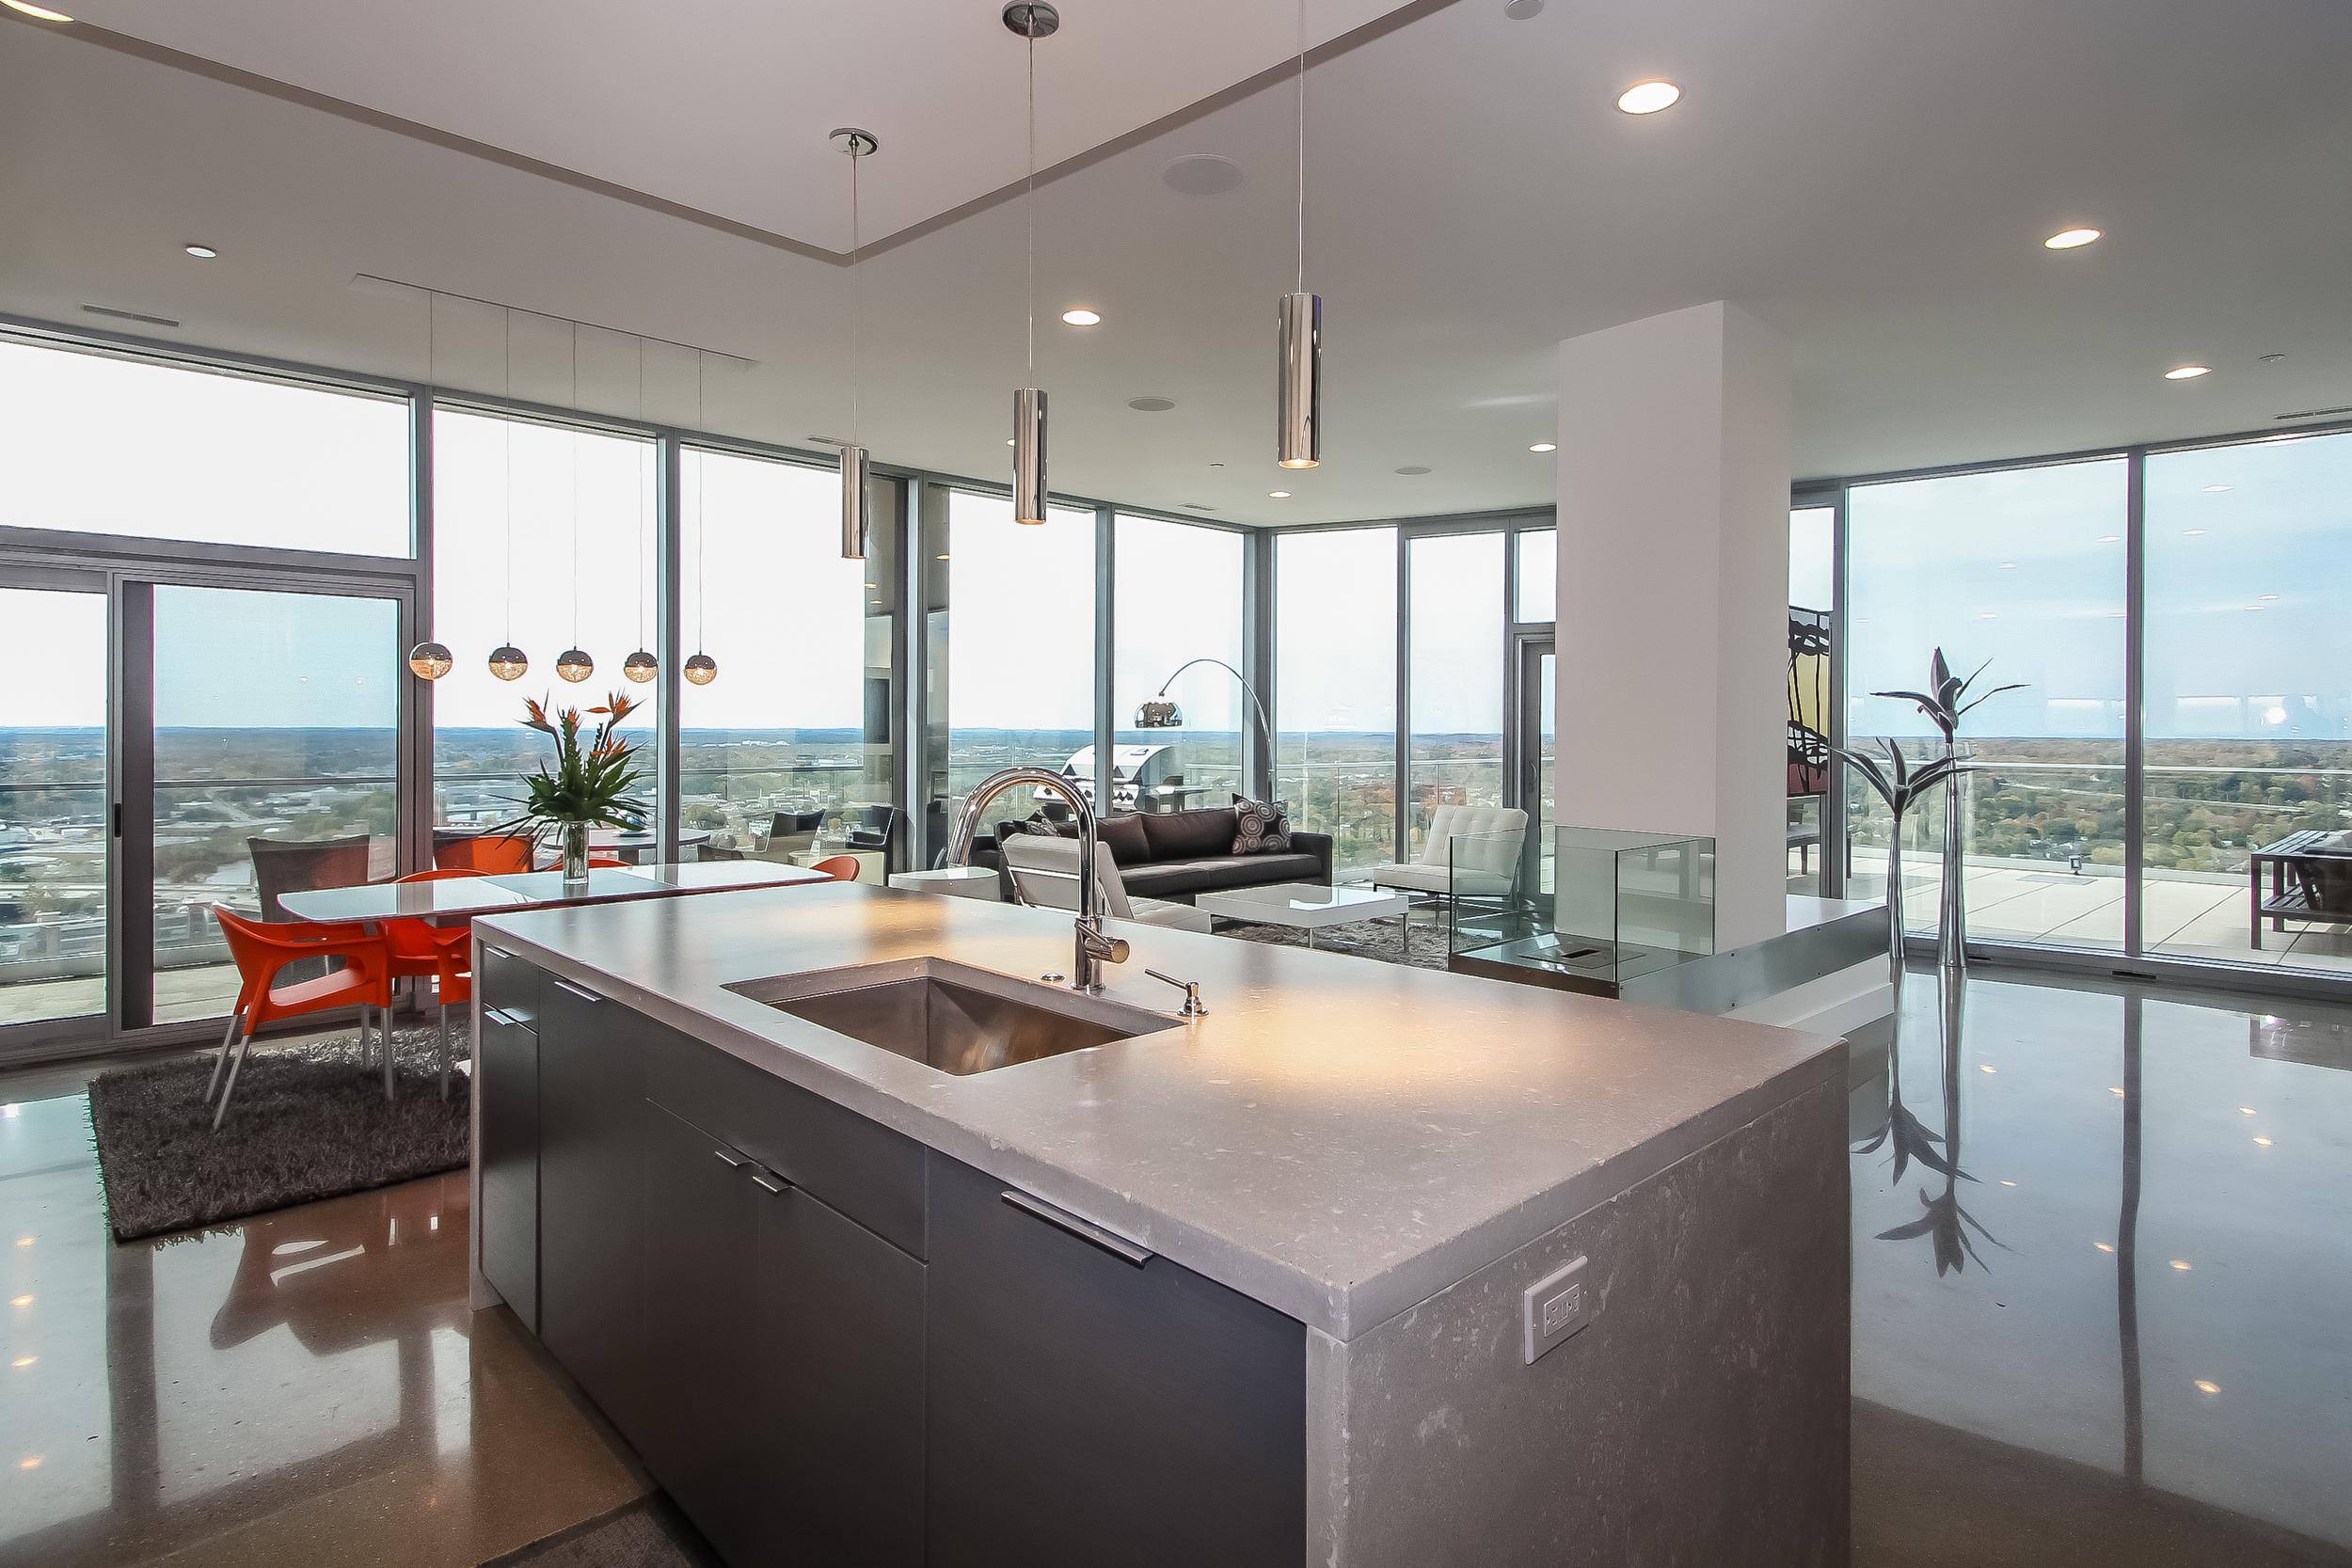 kitchen-p470363.jpg